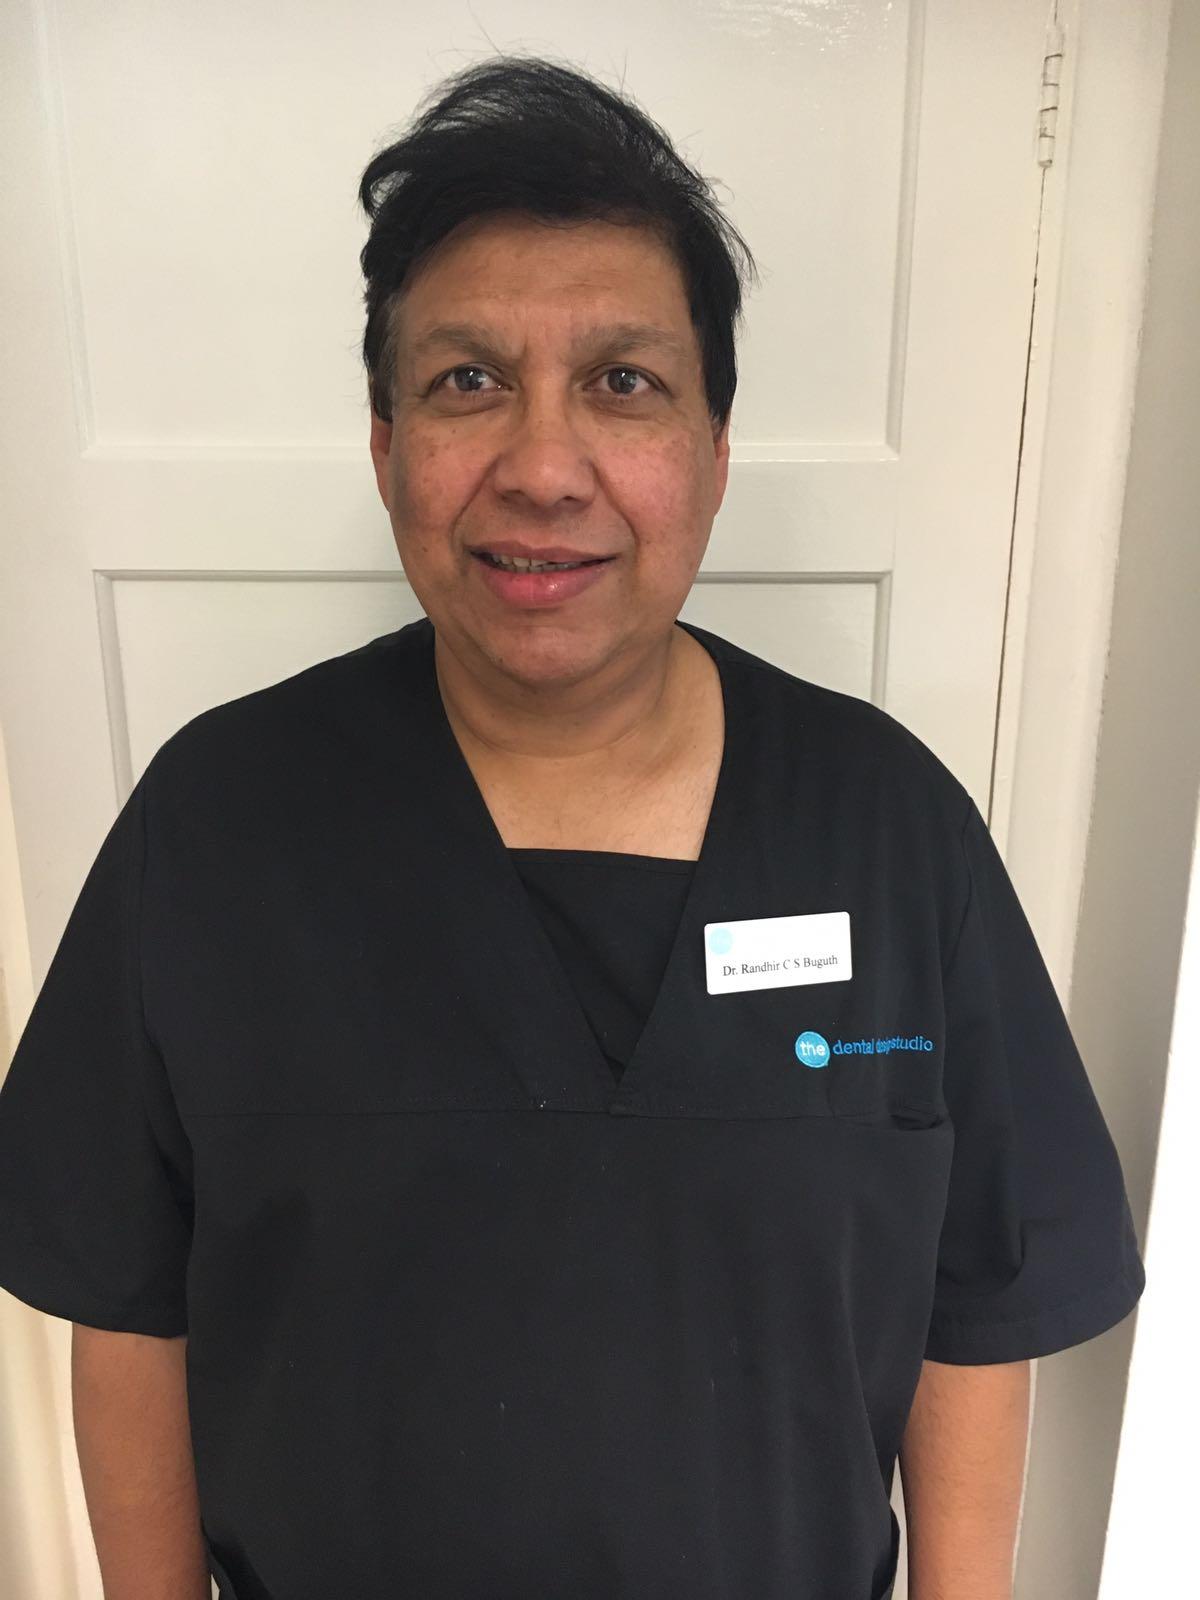 doctor randhir seewoodharry buguth